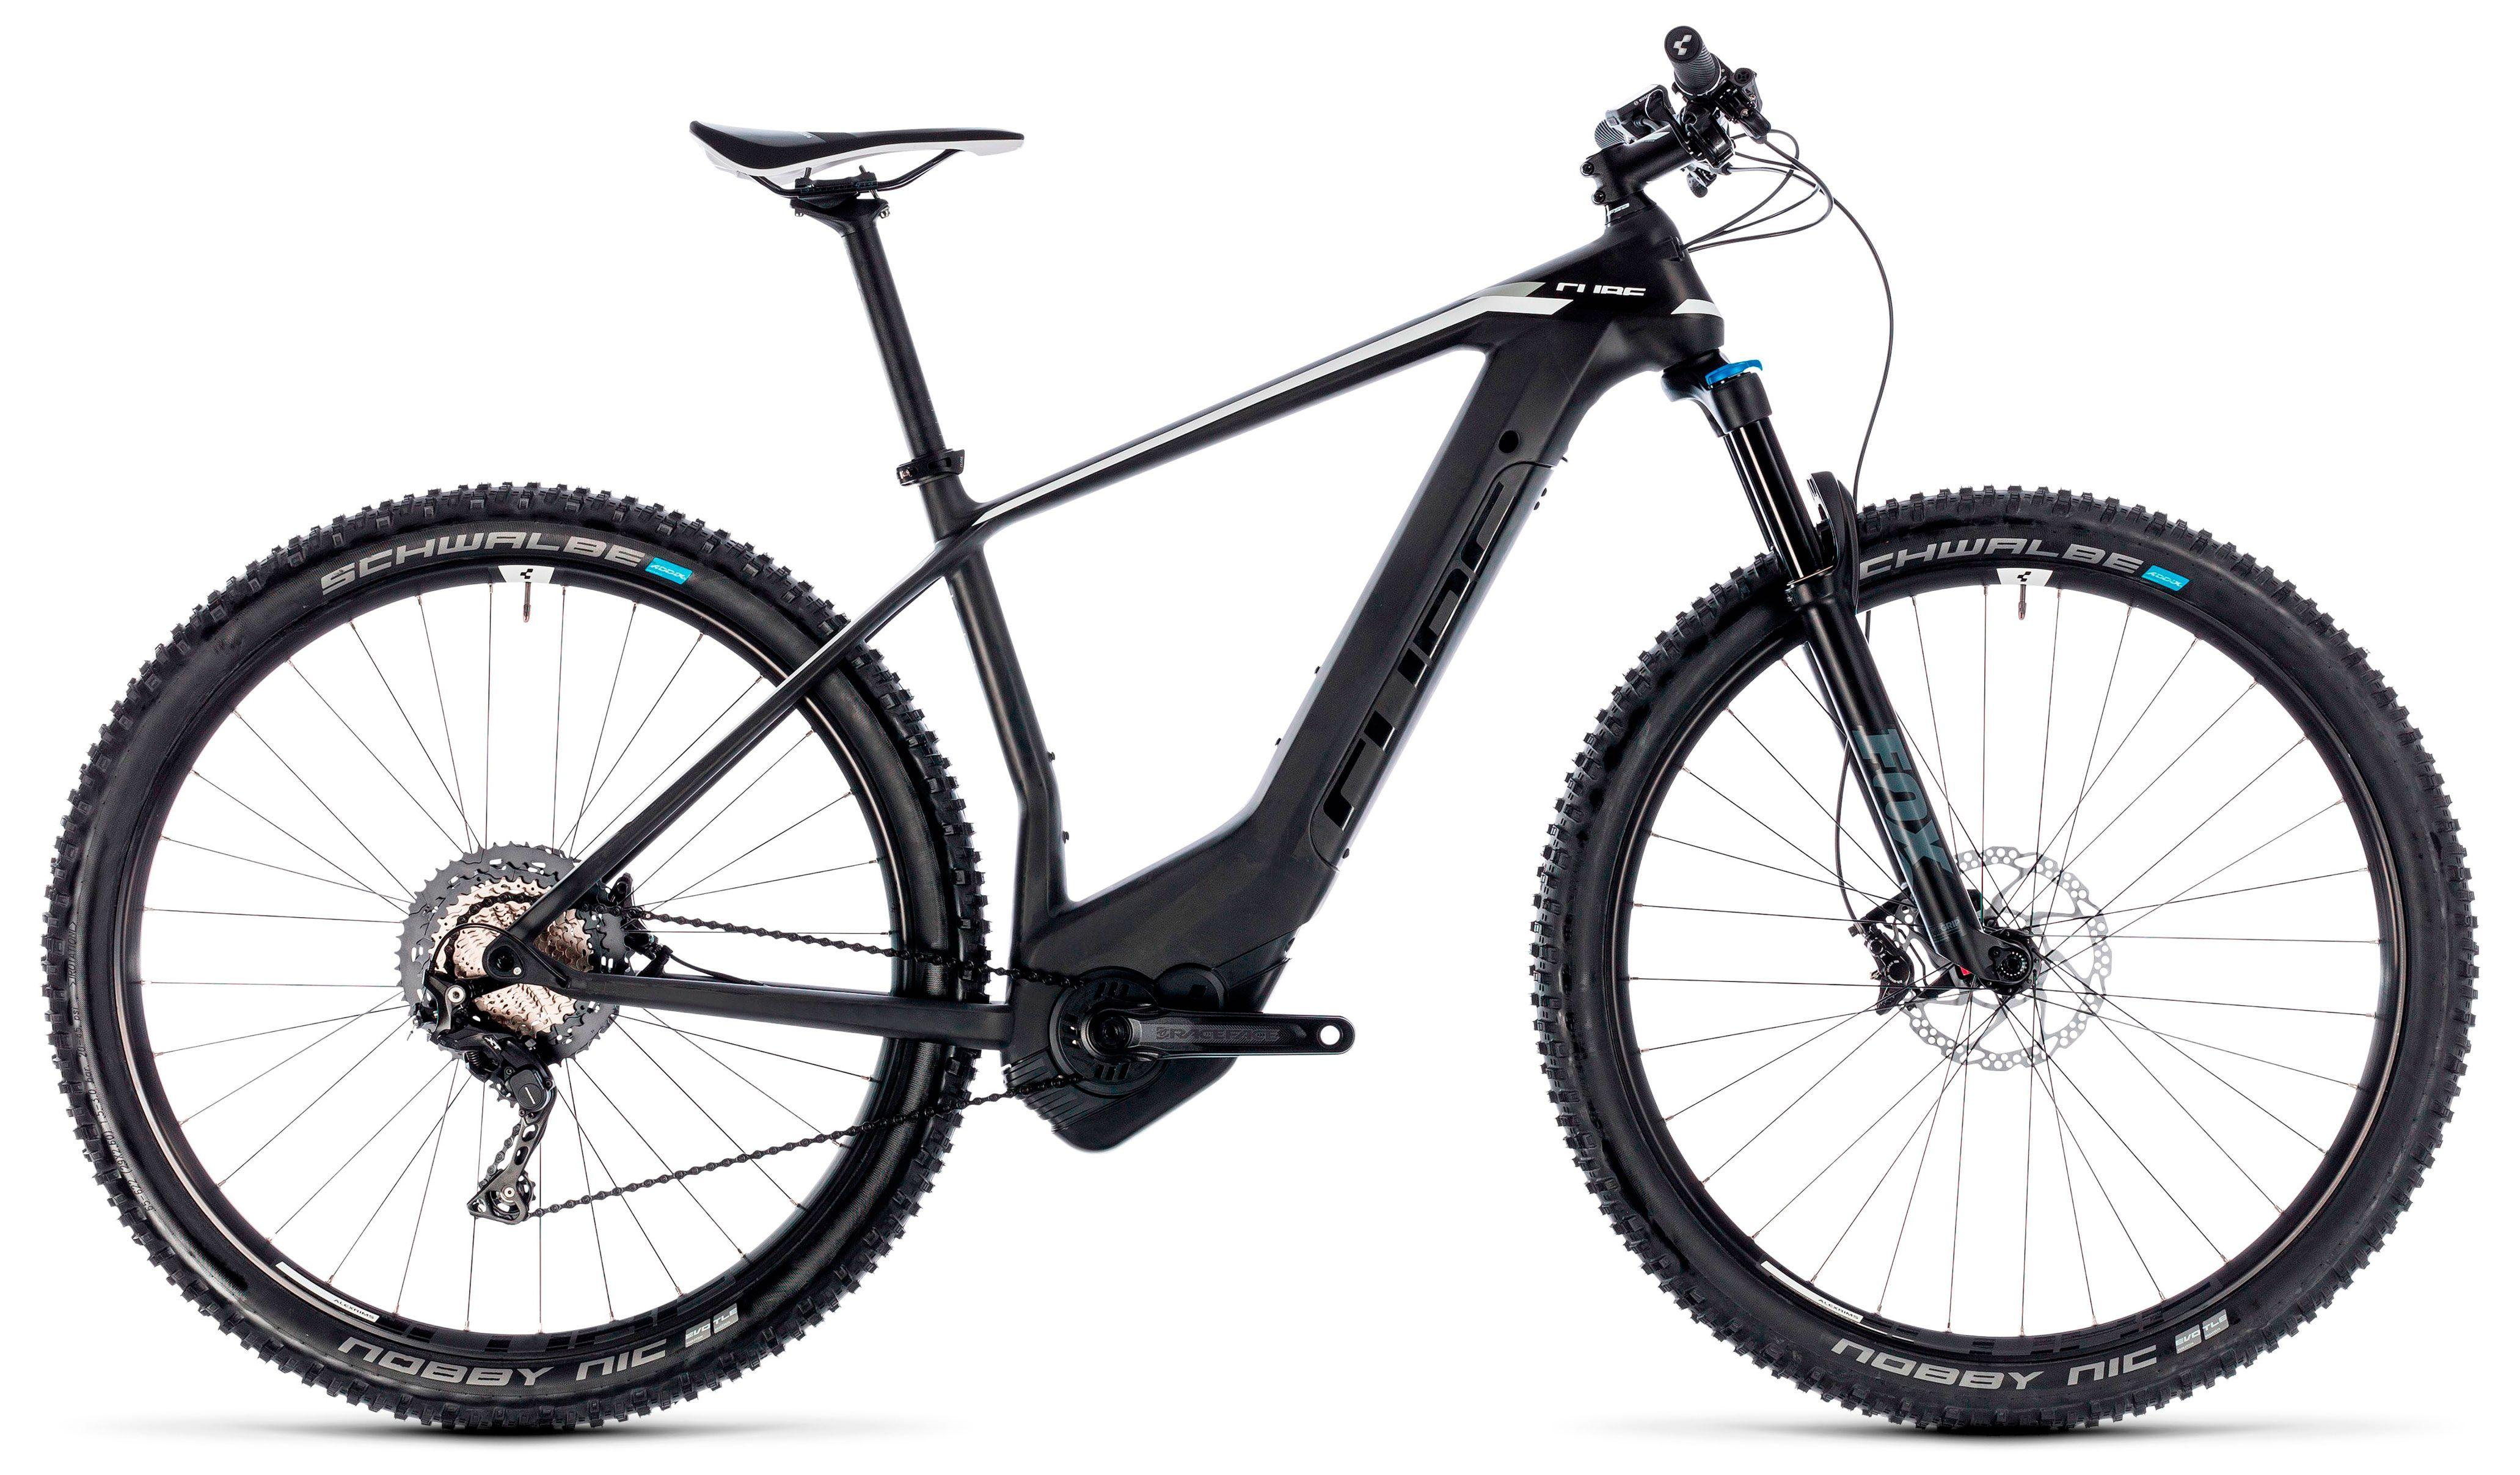 Велосипед Cube Elite Hybrid C:62 SL 500 29 2018 велосипед cube stereo hybrid 120 hpa sl 500 27 5 2016